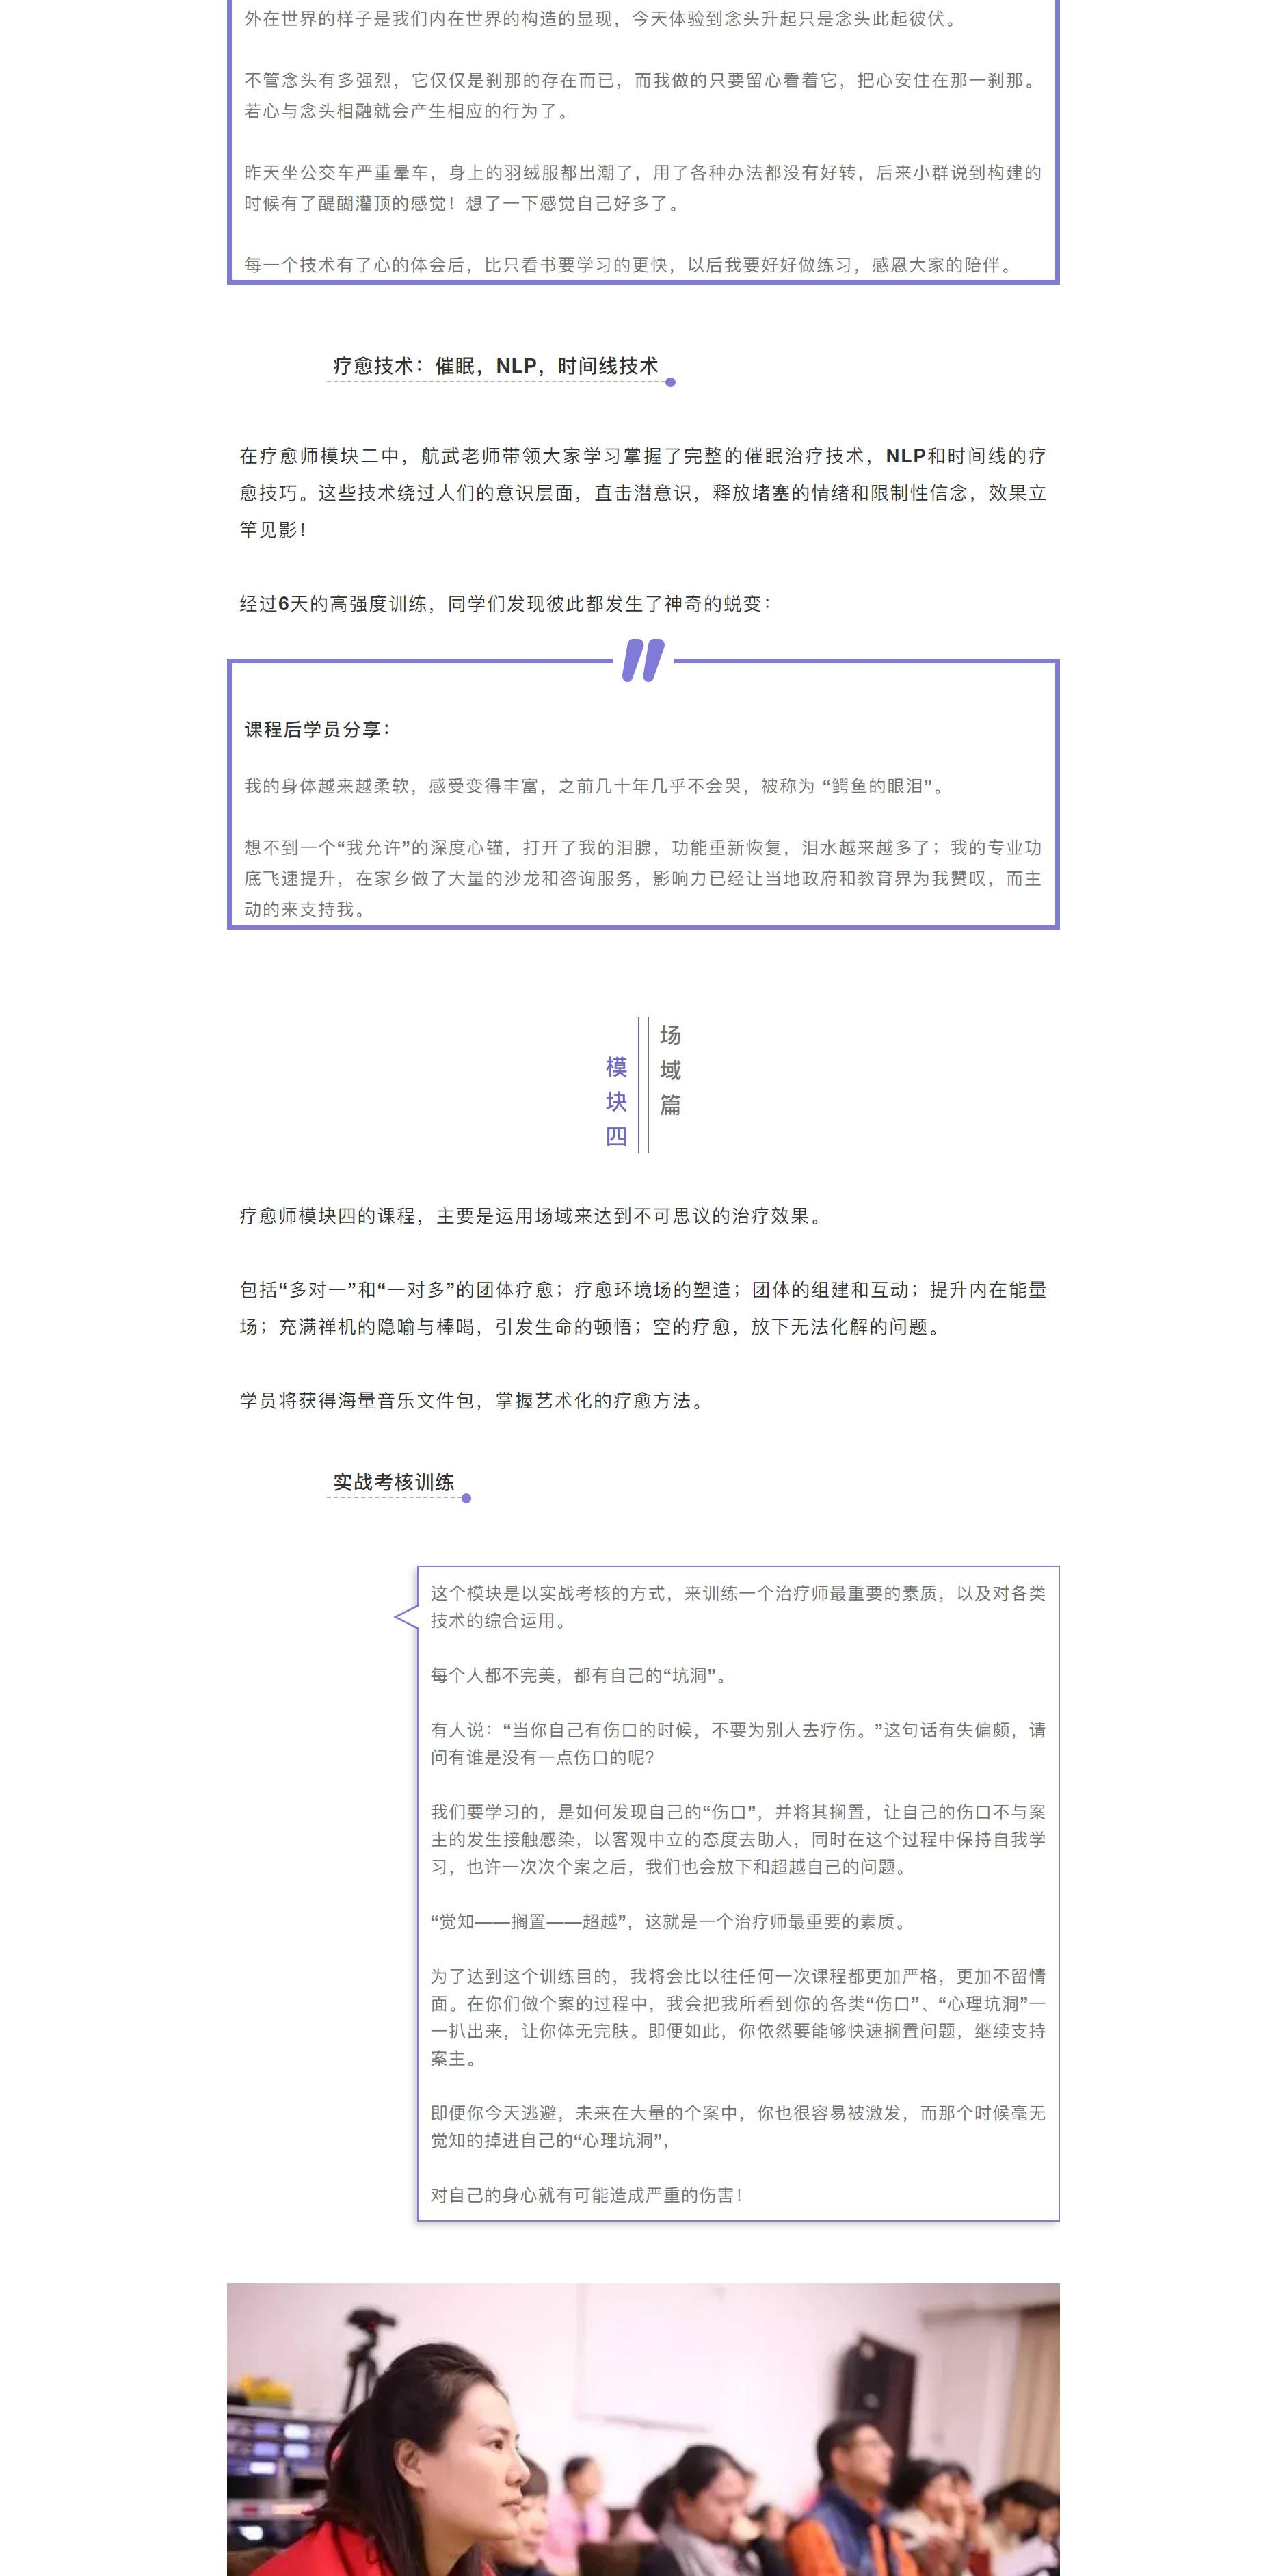 专业疗愈师2_02.jpg